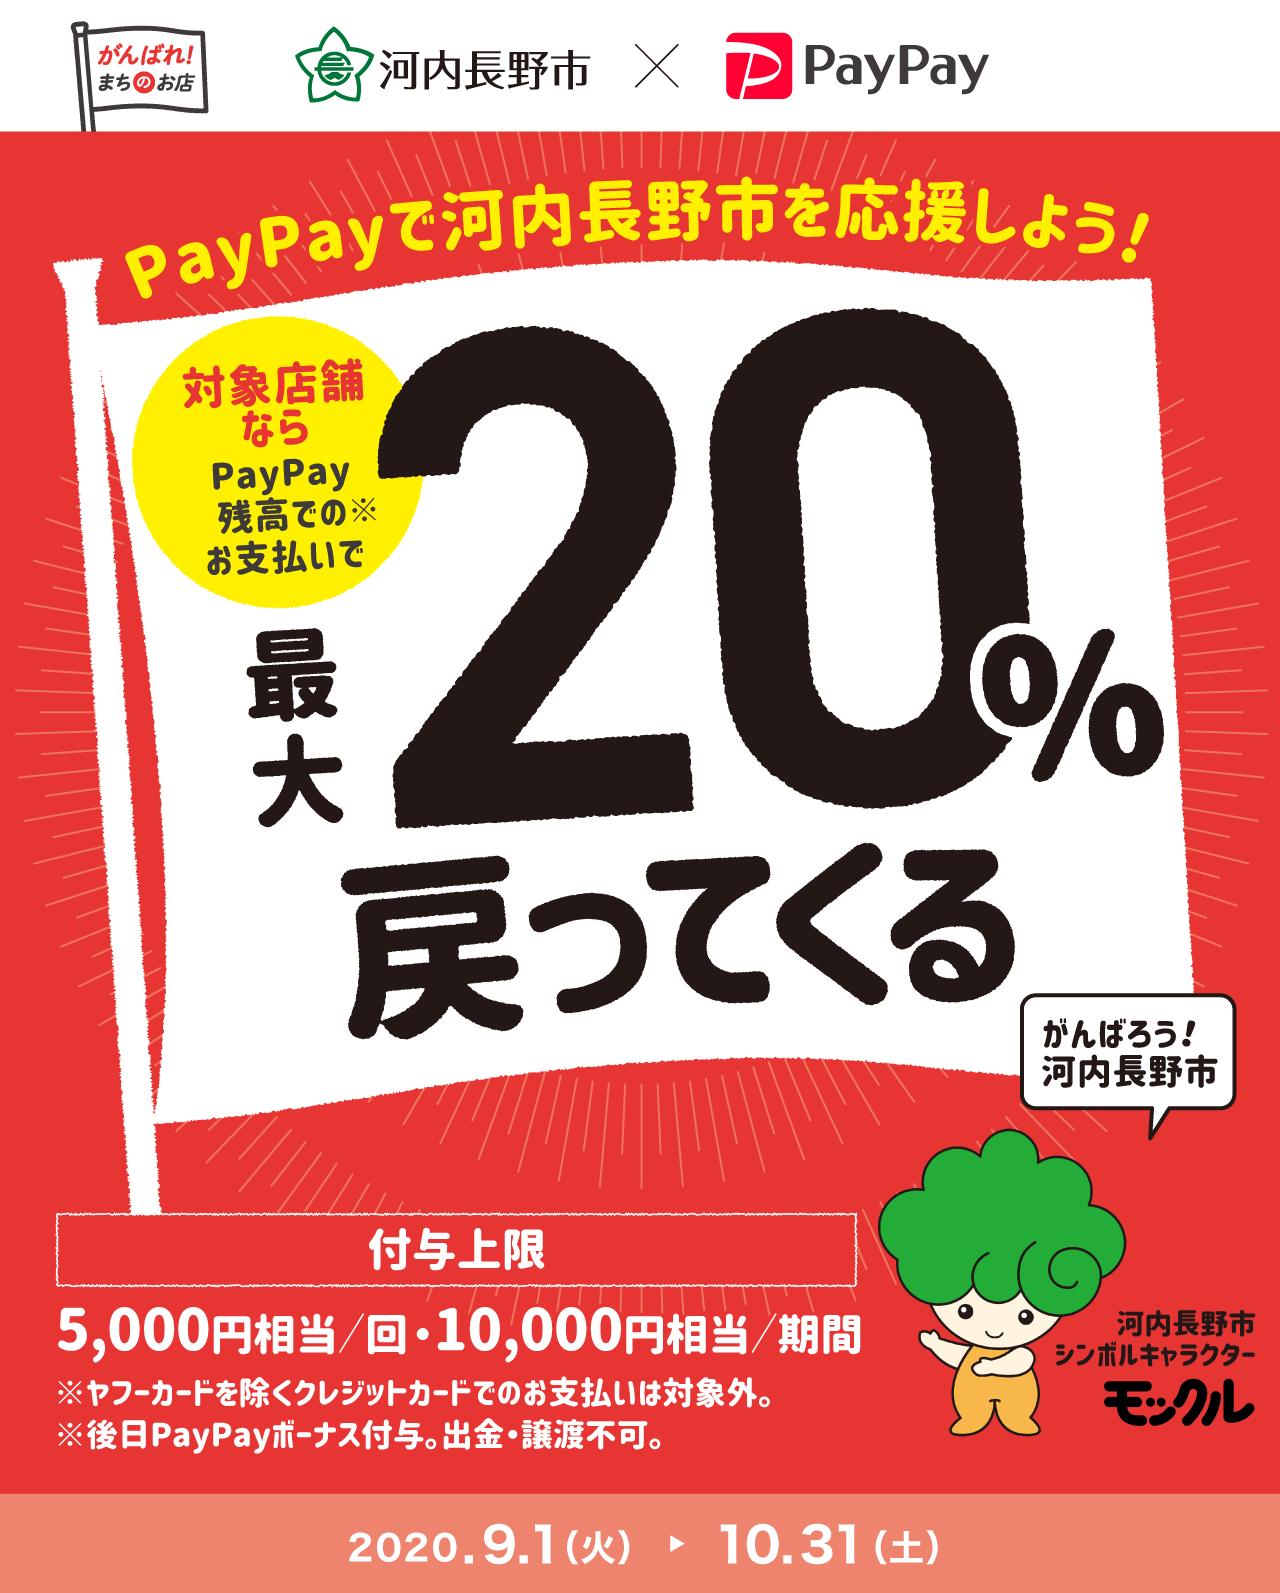 PayPayで河内長野市を応援しよう! 対象店舗ならPayPay残高でのお支払いで最大20%戻ってくる